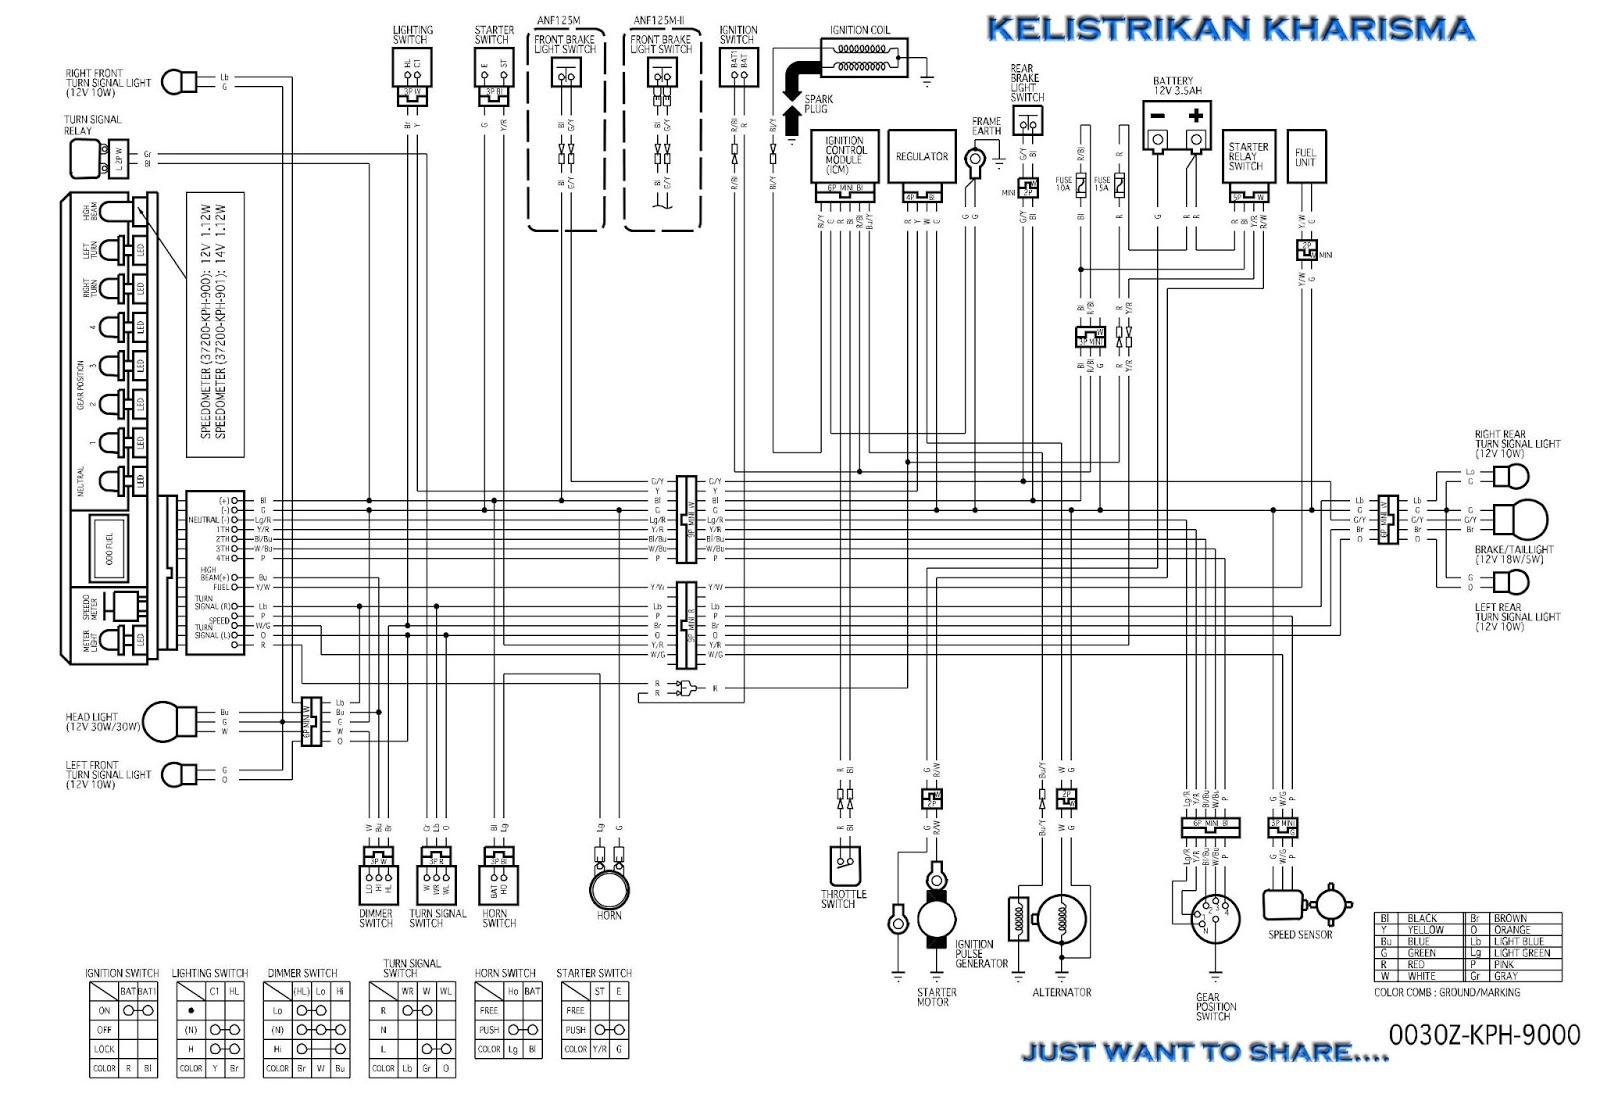 Diagram kelistrikan honda kharisma bacabisa bagi yang lagi mencari diagram kelistrikan sepeda motor kharisma bisa dilihat di sini ada link di bawah sesuai sumber penayang sebelum ini cheapraybanclubmaster Choice Image